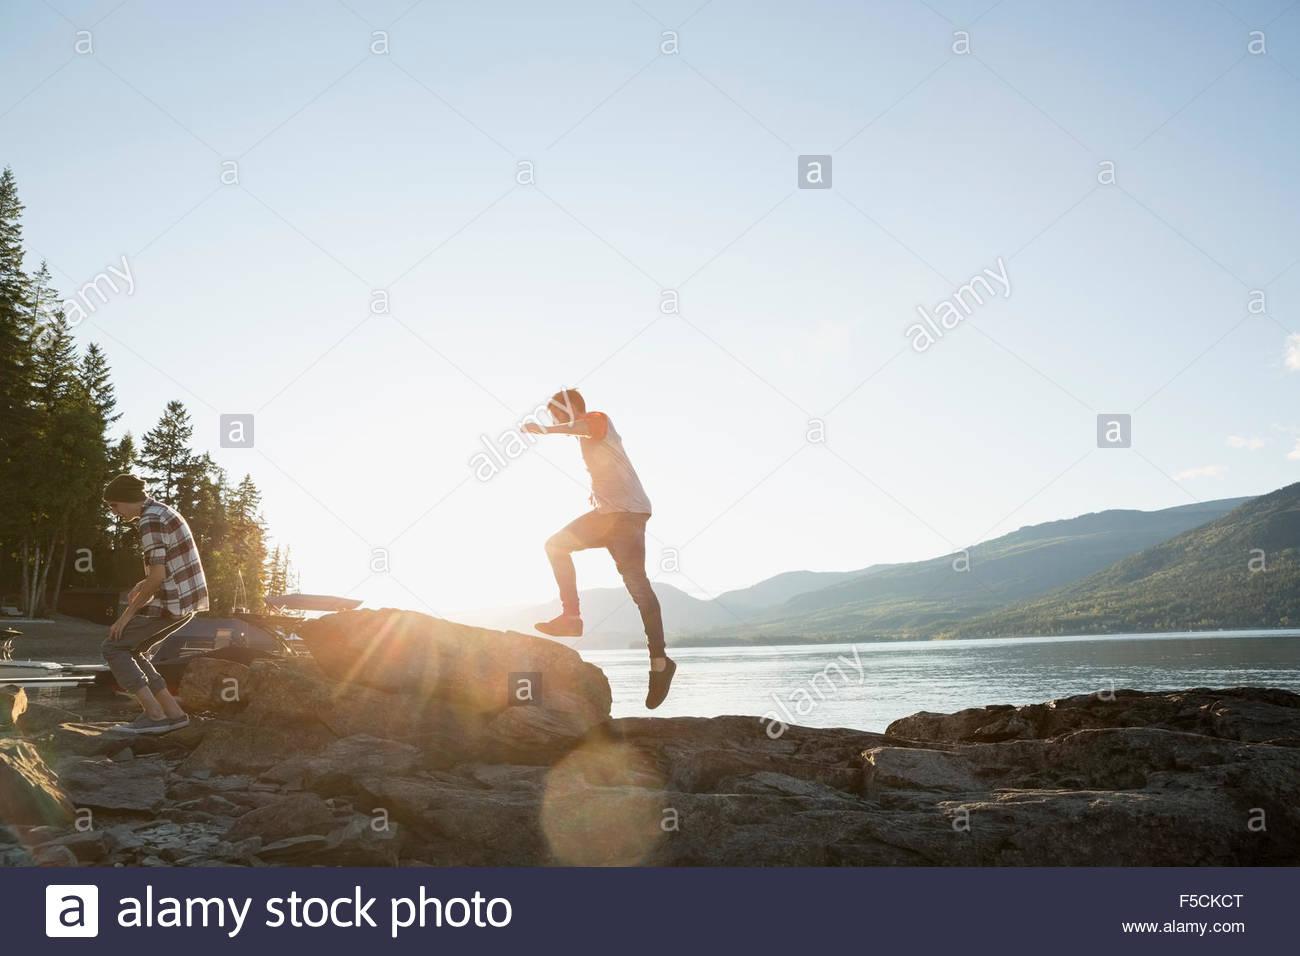 Jóvenes saltando sobre rocas en sunny lakeside Imagen De Stock